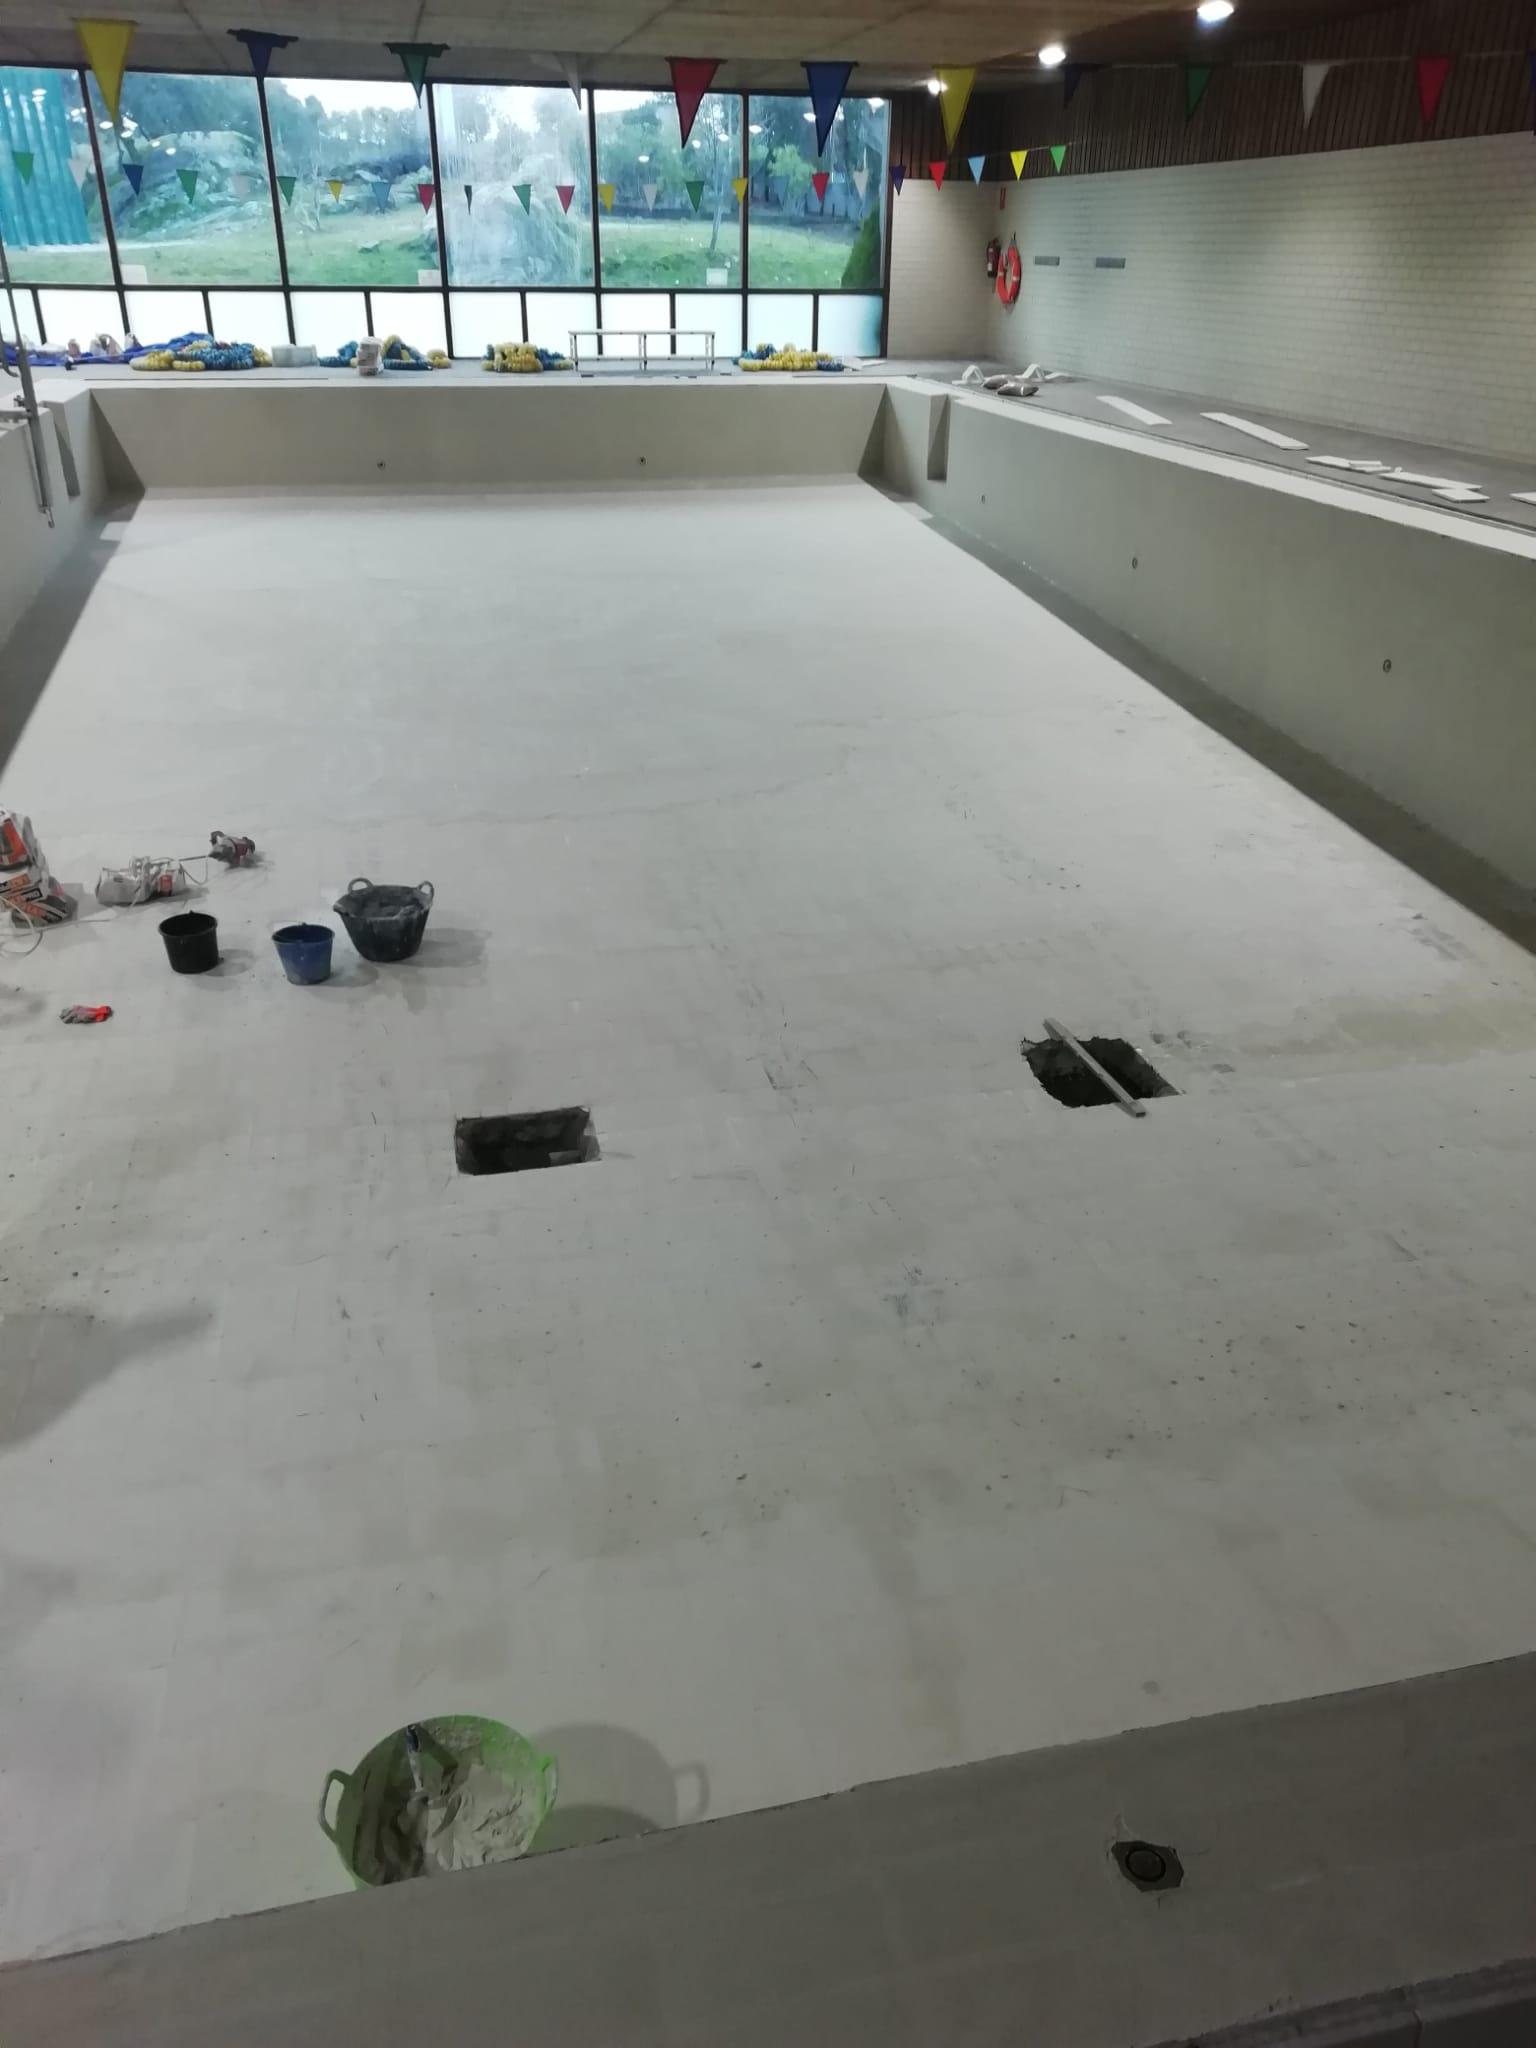 La adjudicación de la instalación de la deshumectadora, aprobada ya  por la Junta de Gobierno Local, marca el avance definitivo para completar el arreglo y mejora de la piscina cubierta de Valdemorillo